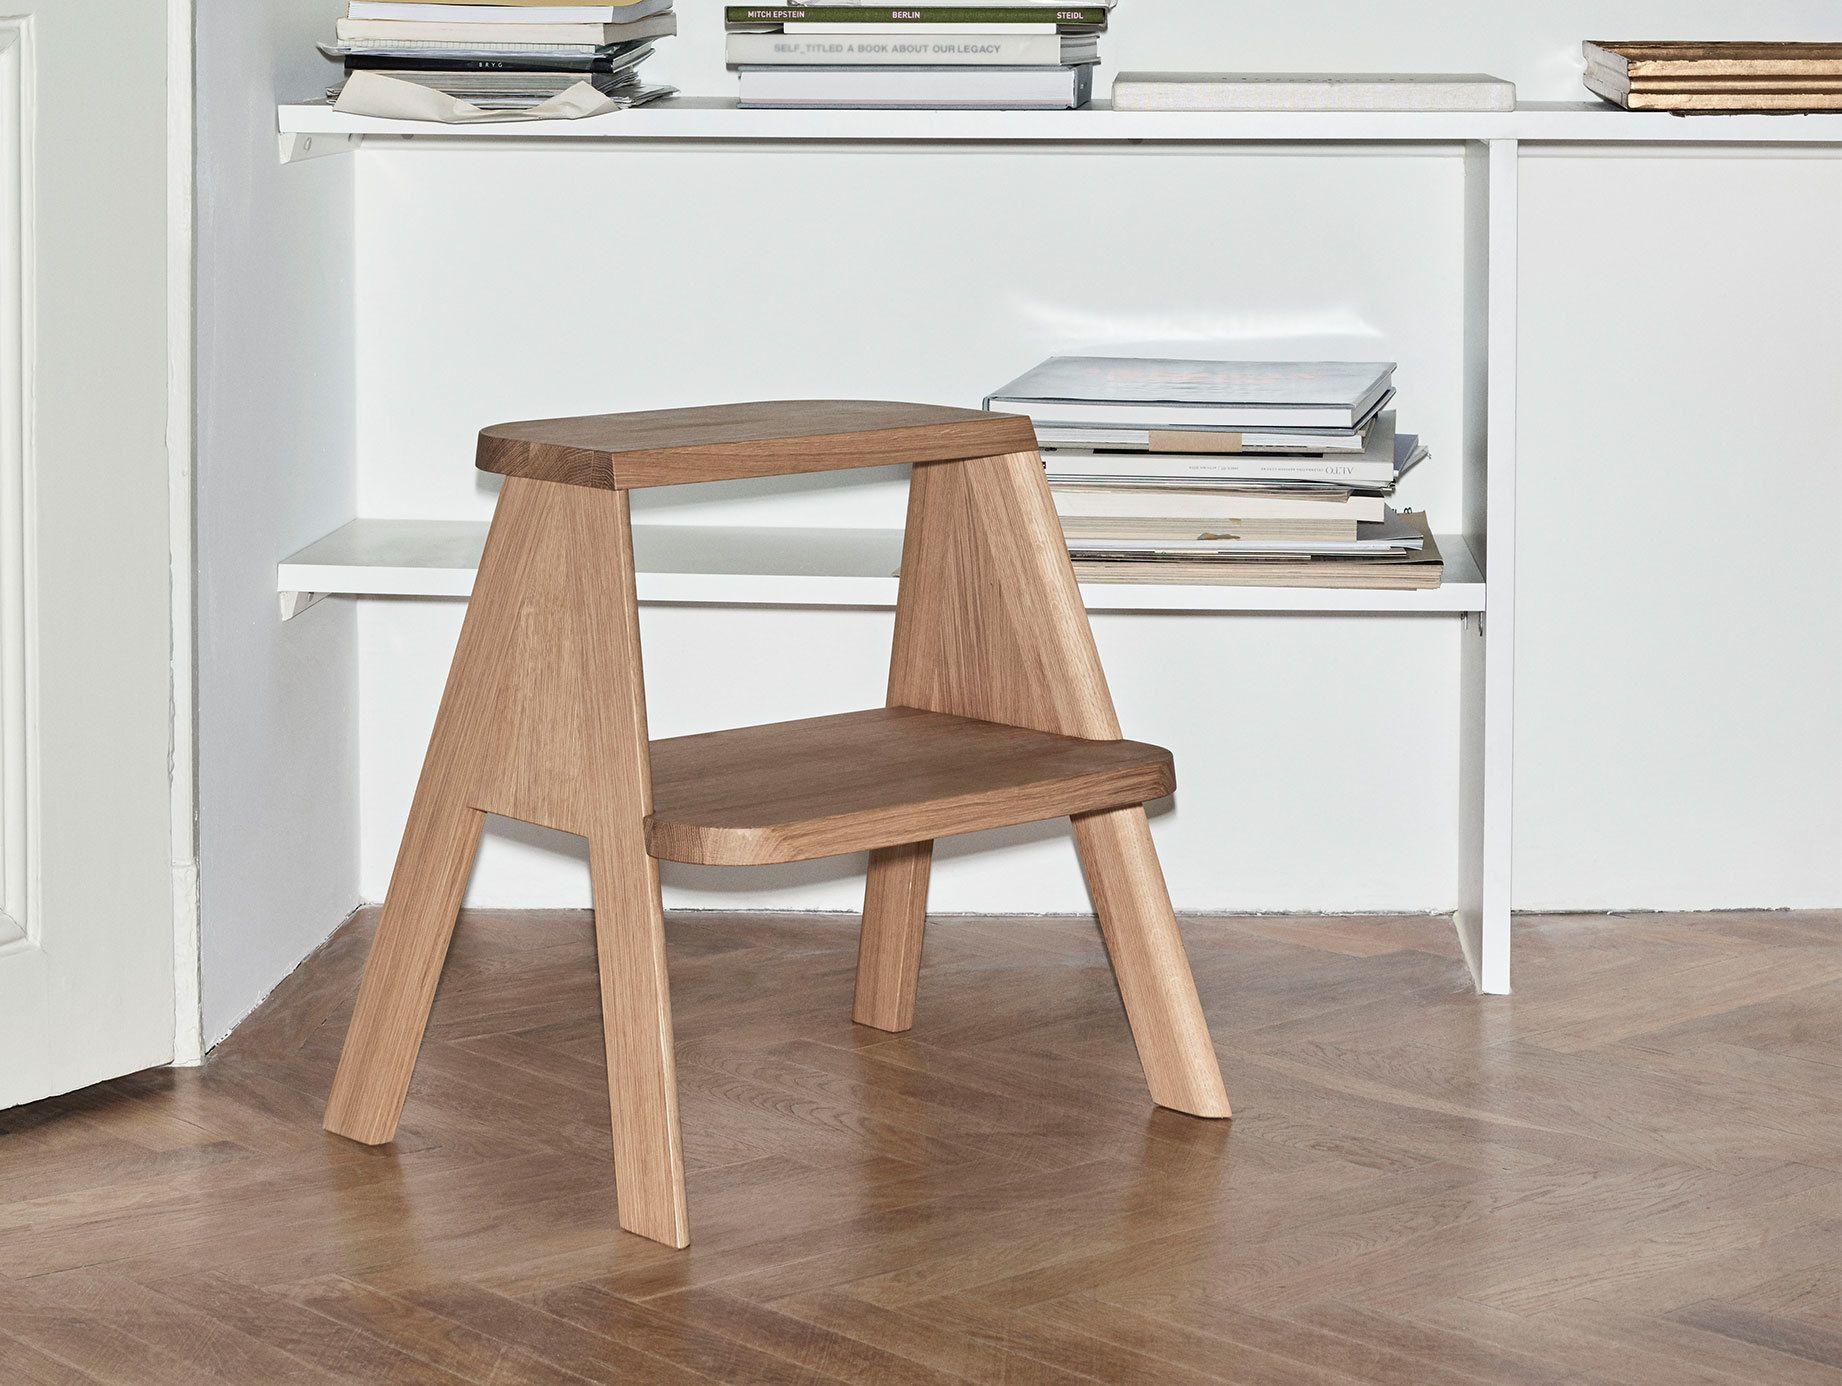 Hay Butler Shane Schneck Solid oak, Stool, Design